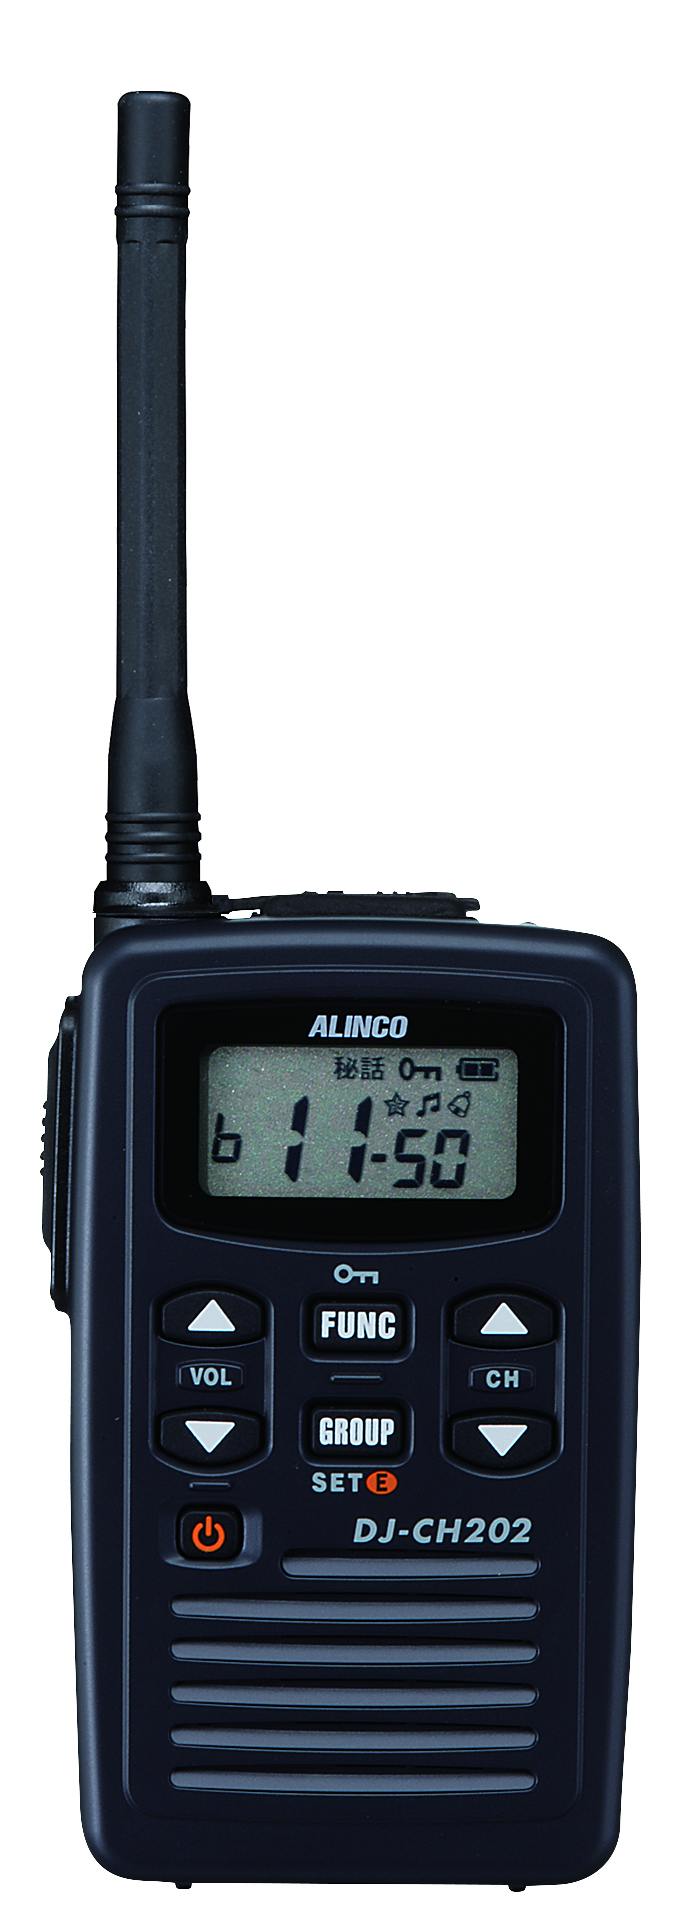 トランシーバー アルインコ DJ-CH202M ミドルアンテナ ( 特定小電力トランシーバー インカム ALINCO )( バッテリー・充電器セット )